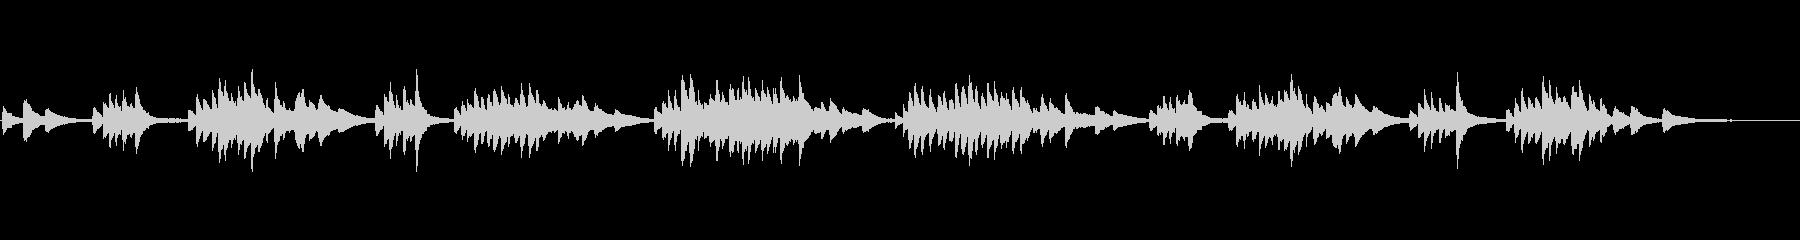 トロイメライ原曲をベーゼンドルファーでの未再生の波形